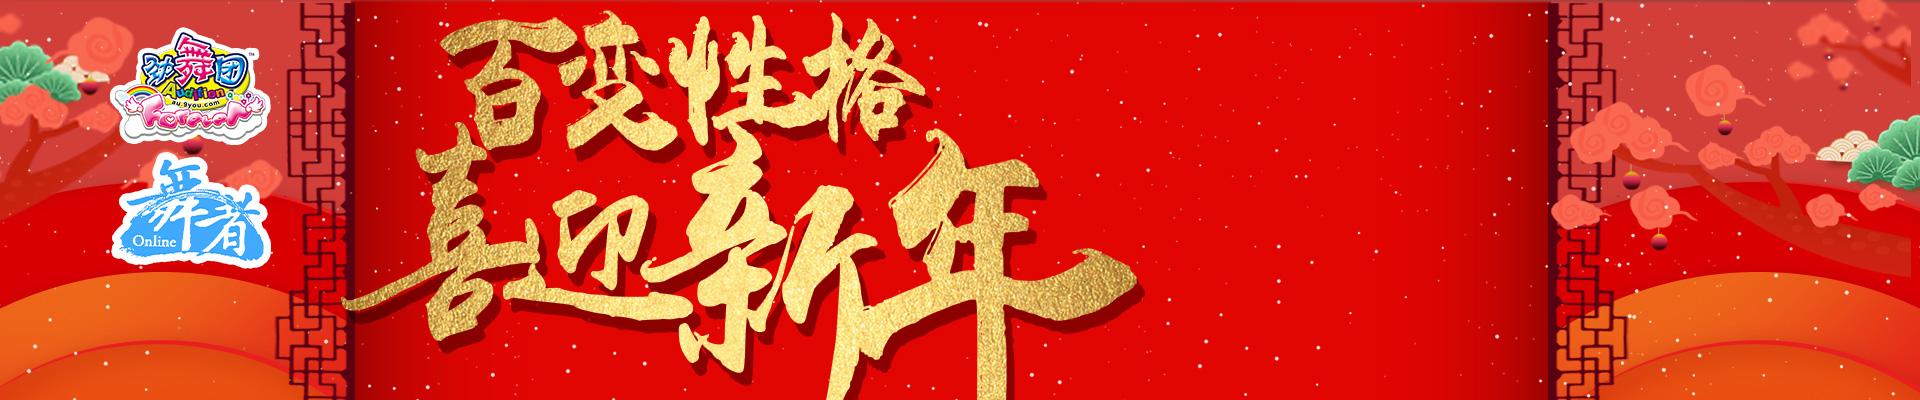 《劲舞团》百变性格 喜迎新年